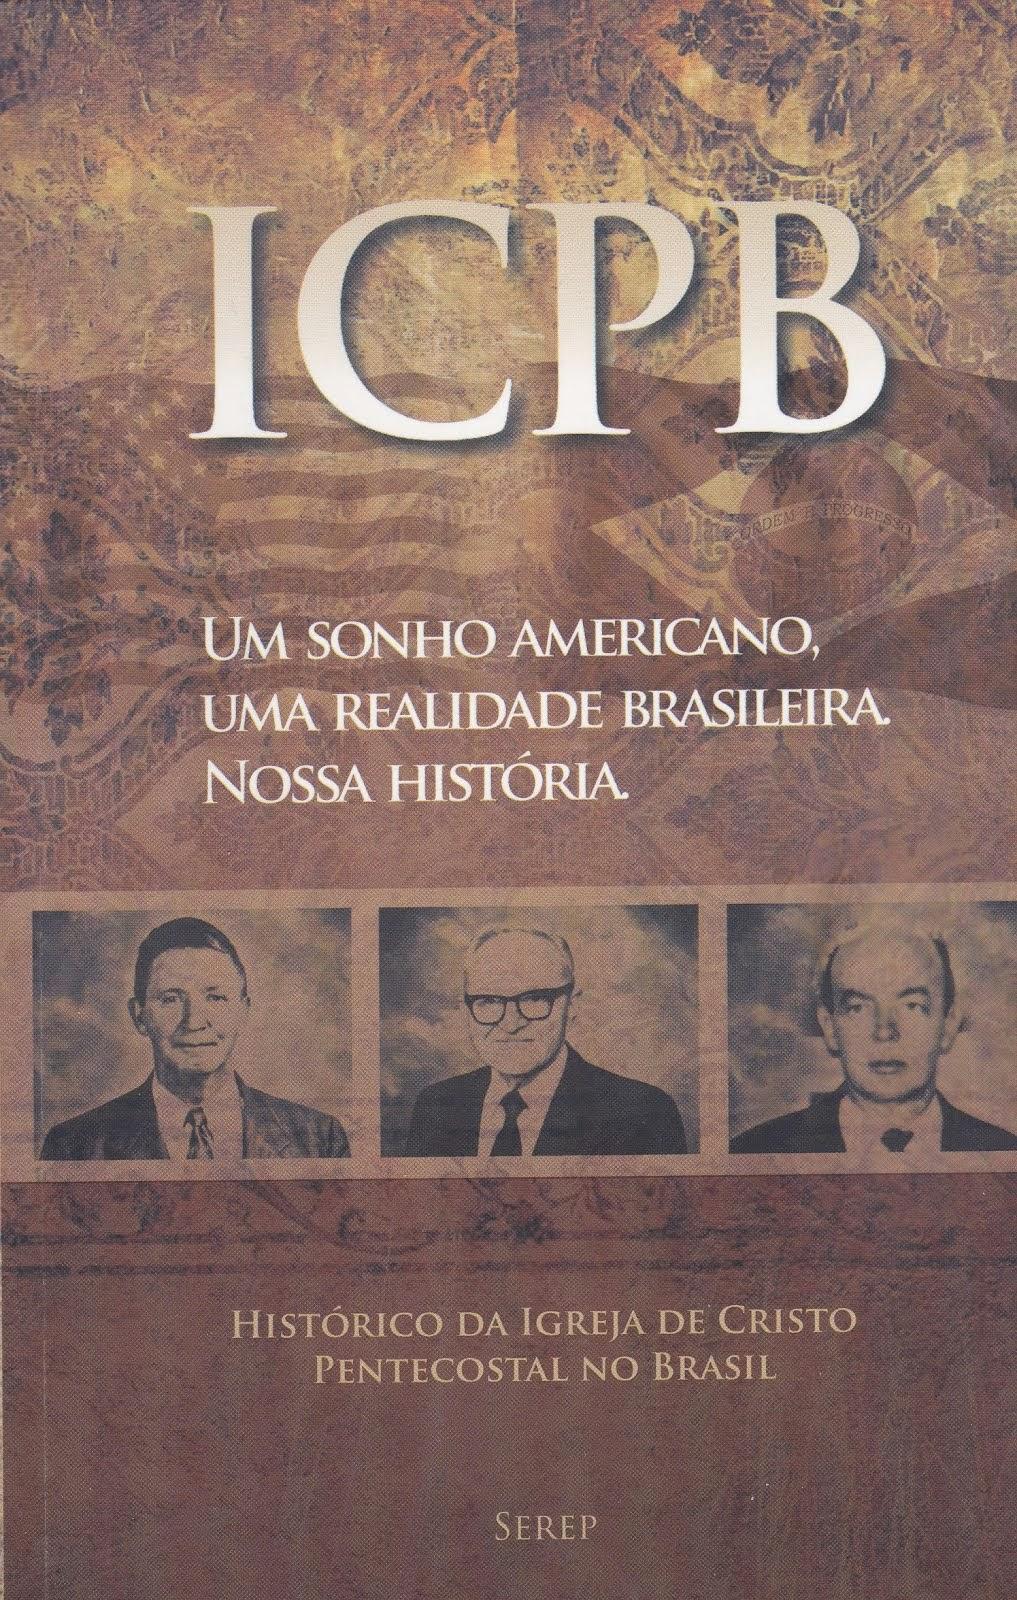 ICPB - Um Sonho Americano - Uma Realidade Brasileira - Nossa História